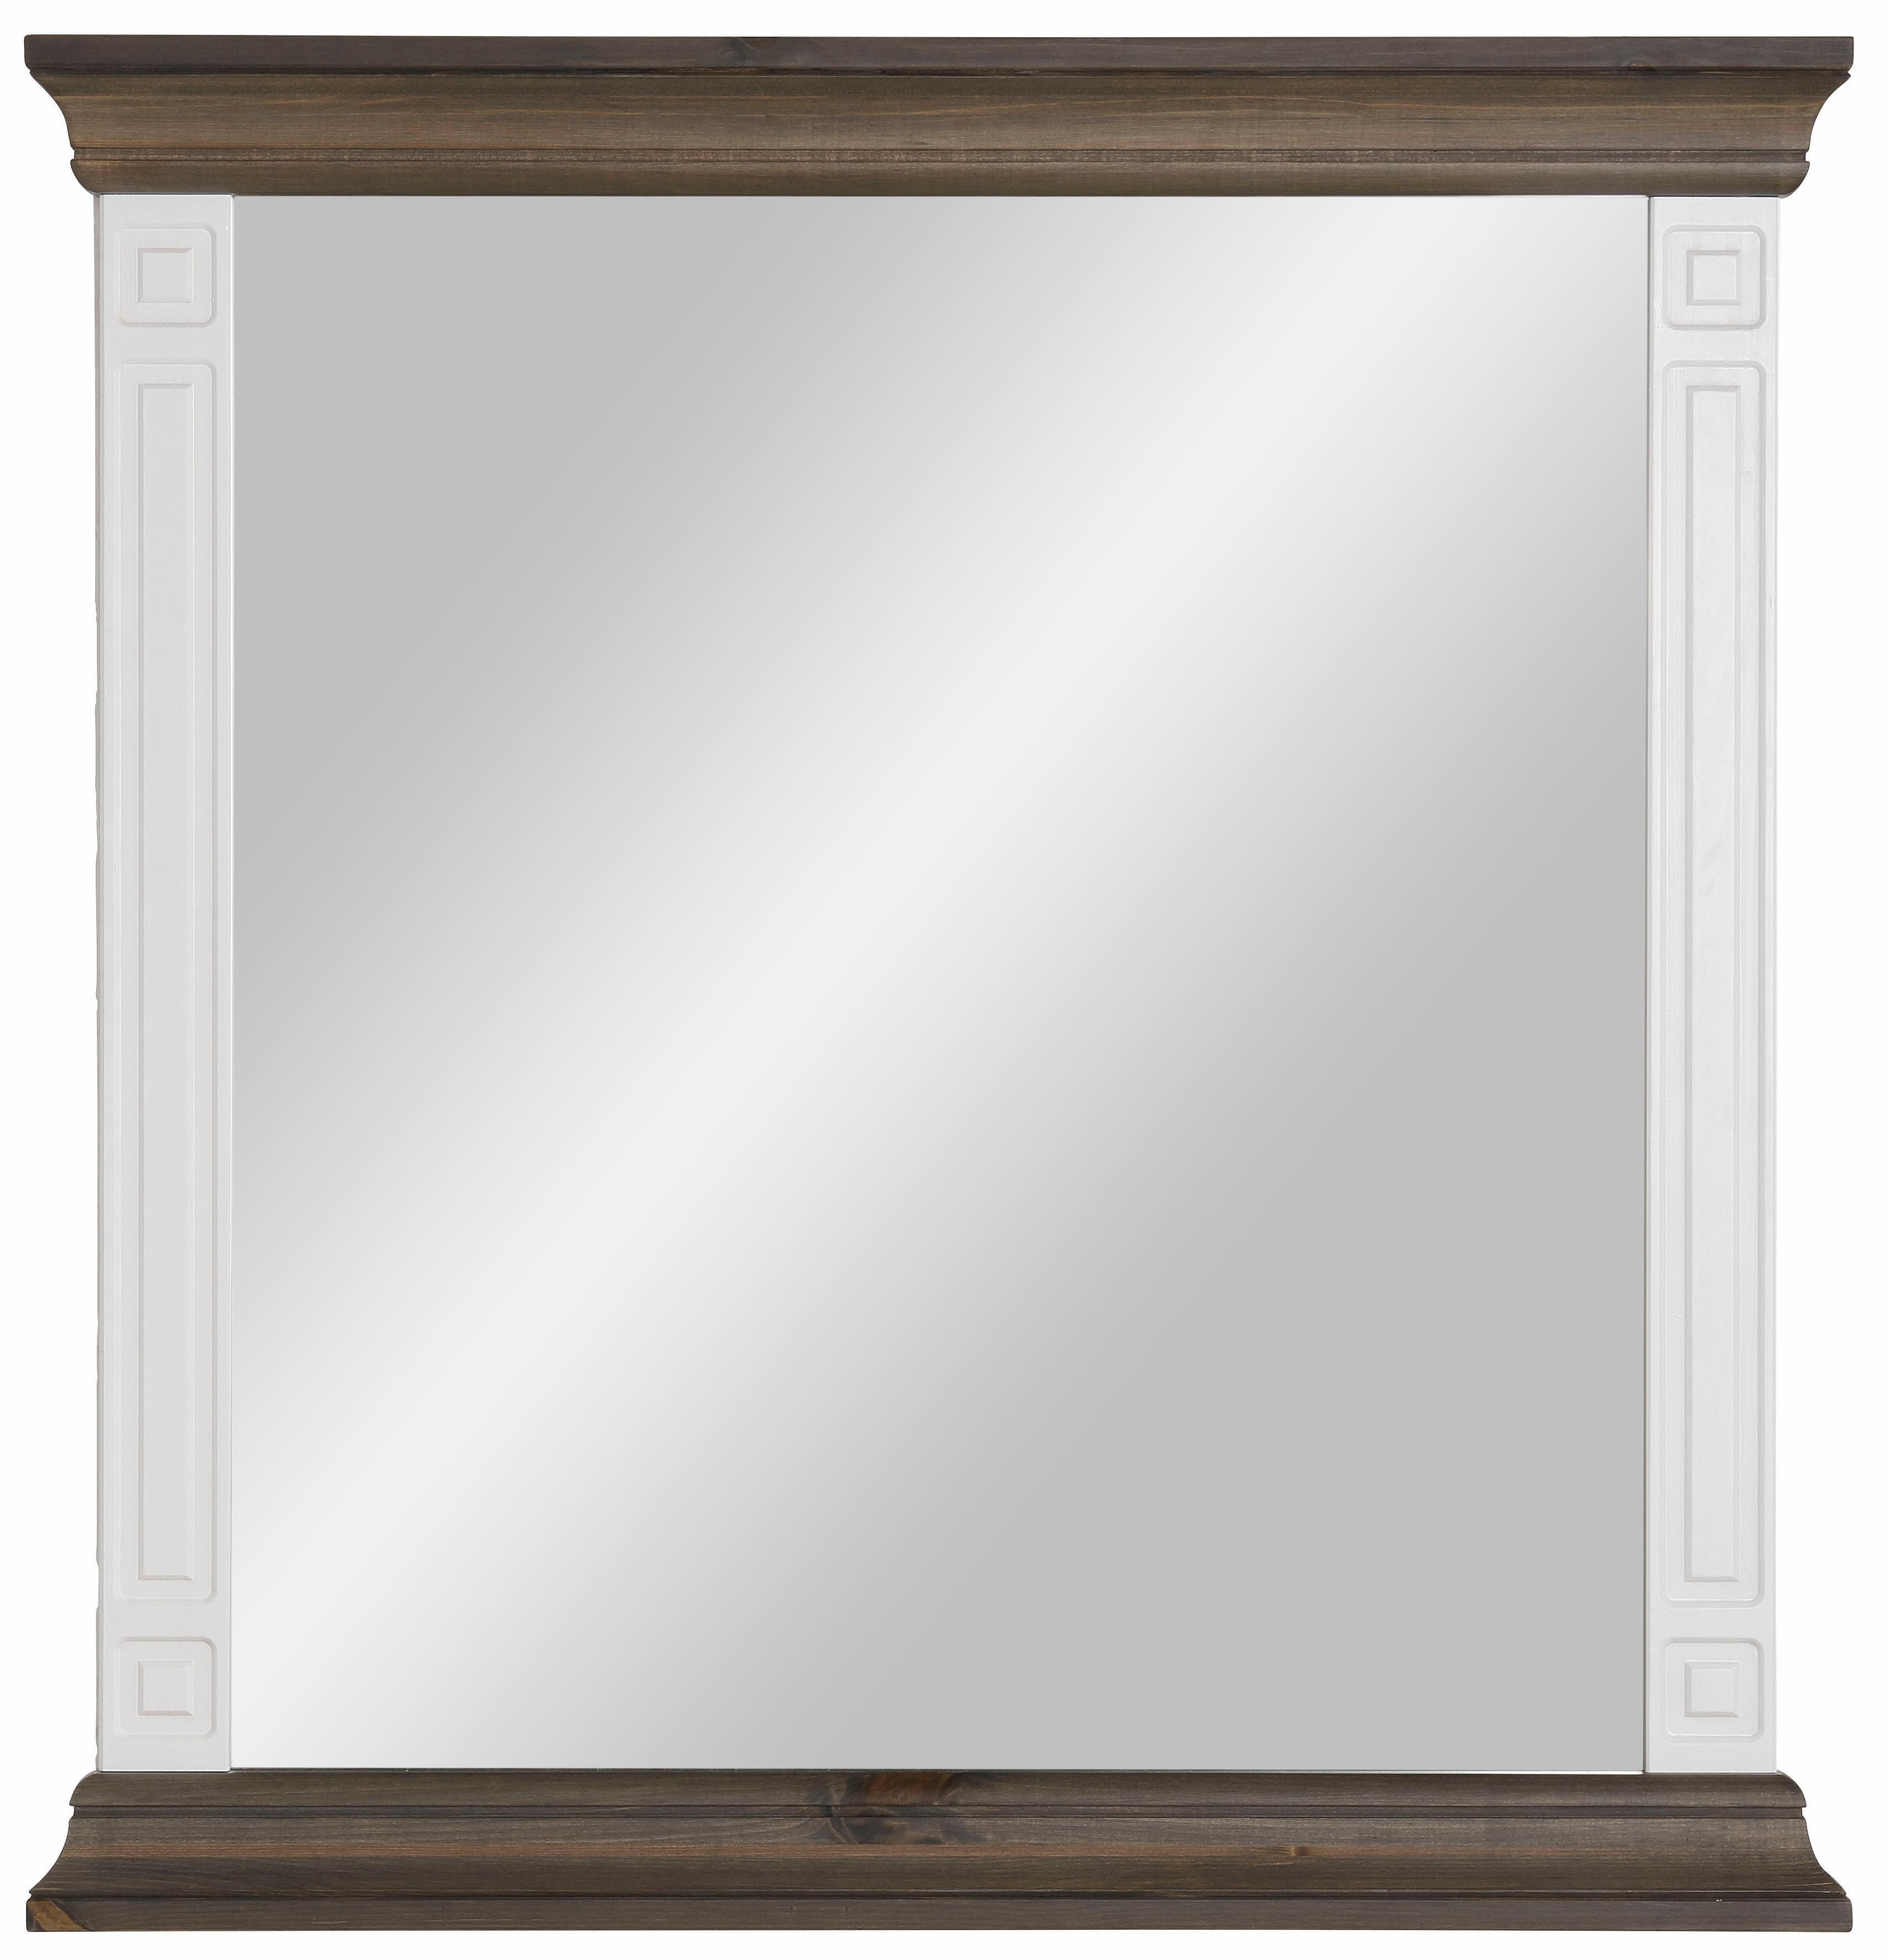 Home Affaire spiegel »Vinales«, hoogte 86 cm, van massief grenen veilig op otto.nl kopen